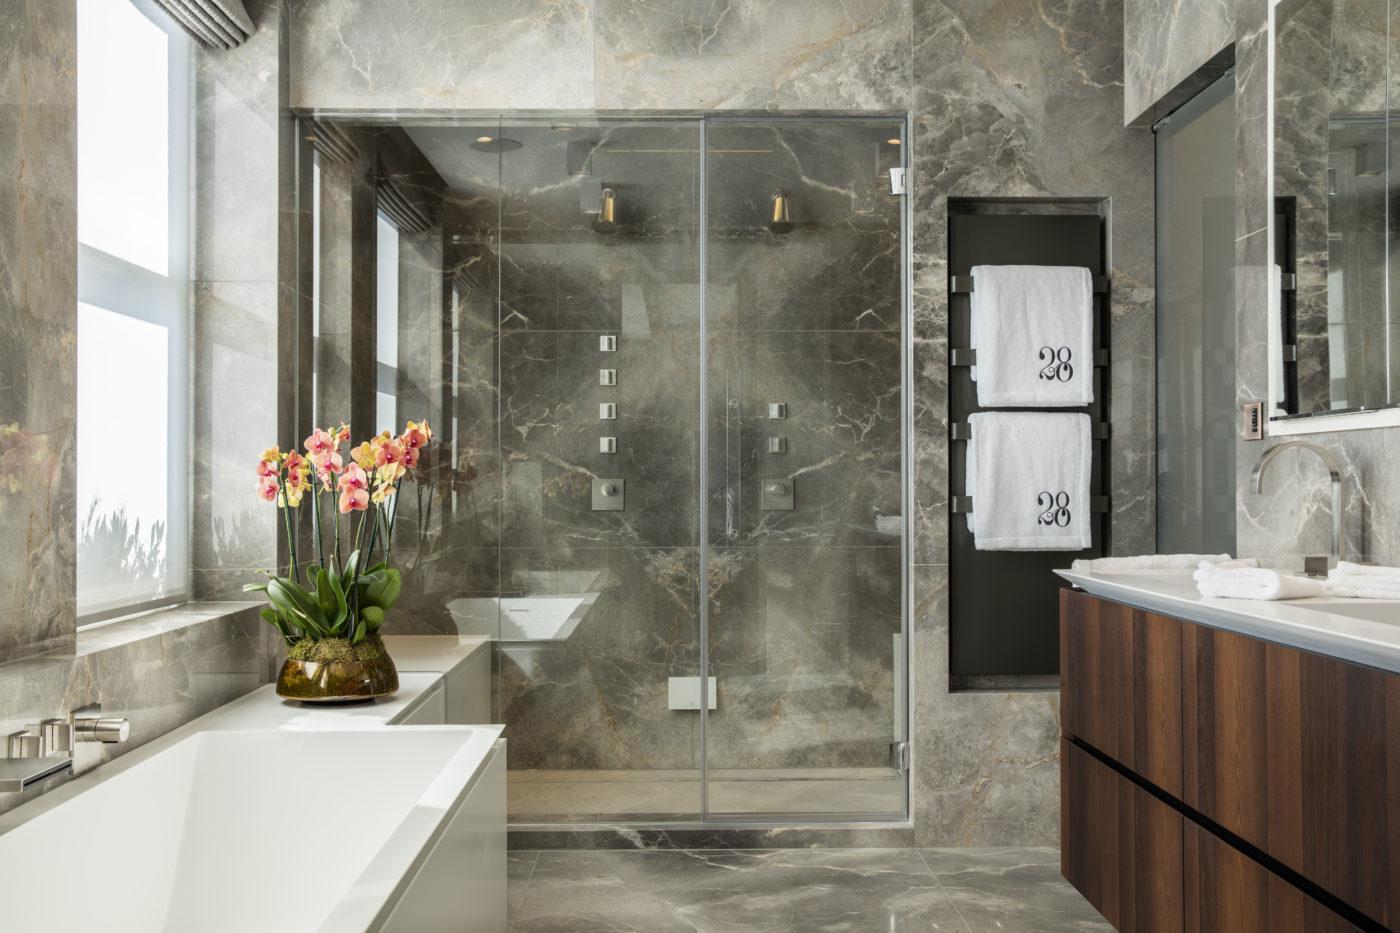 knightsbridge penthouse bathroom